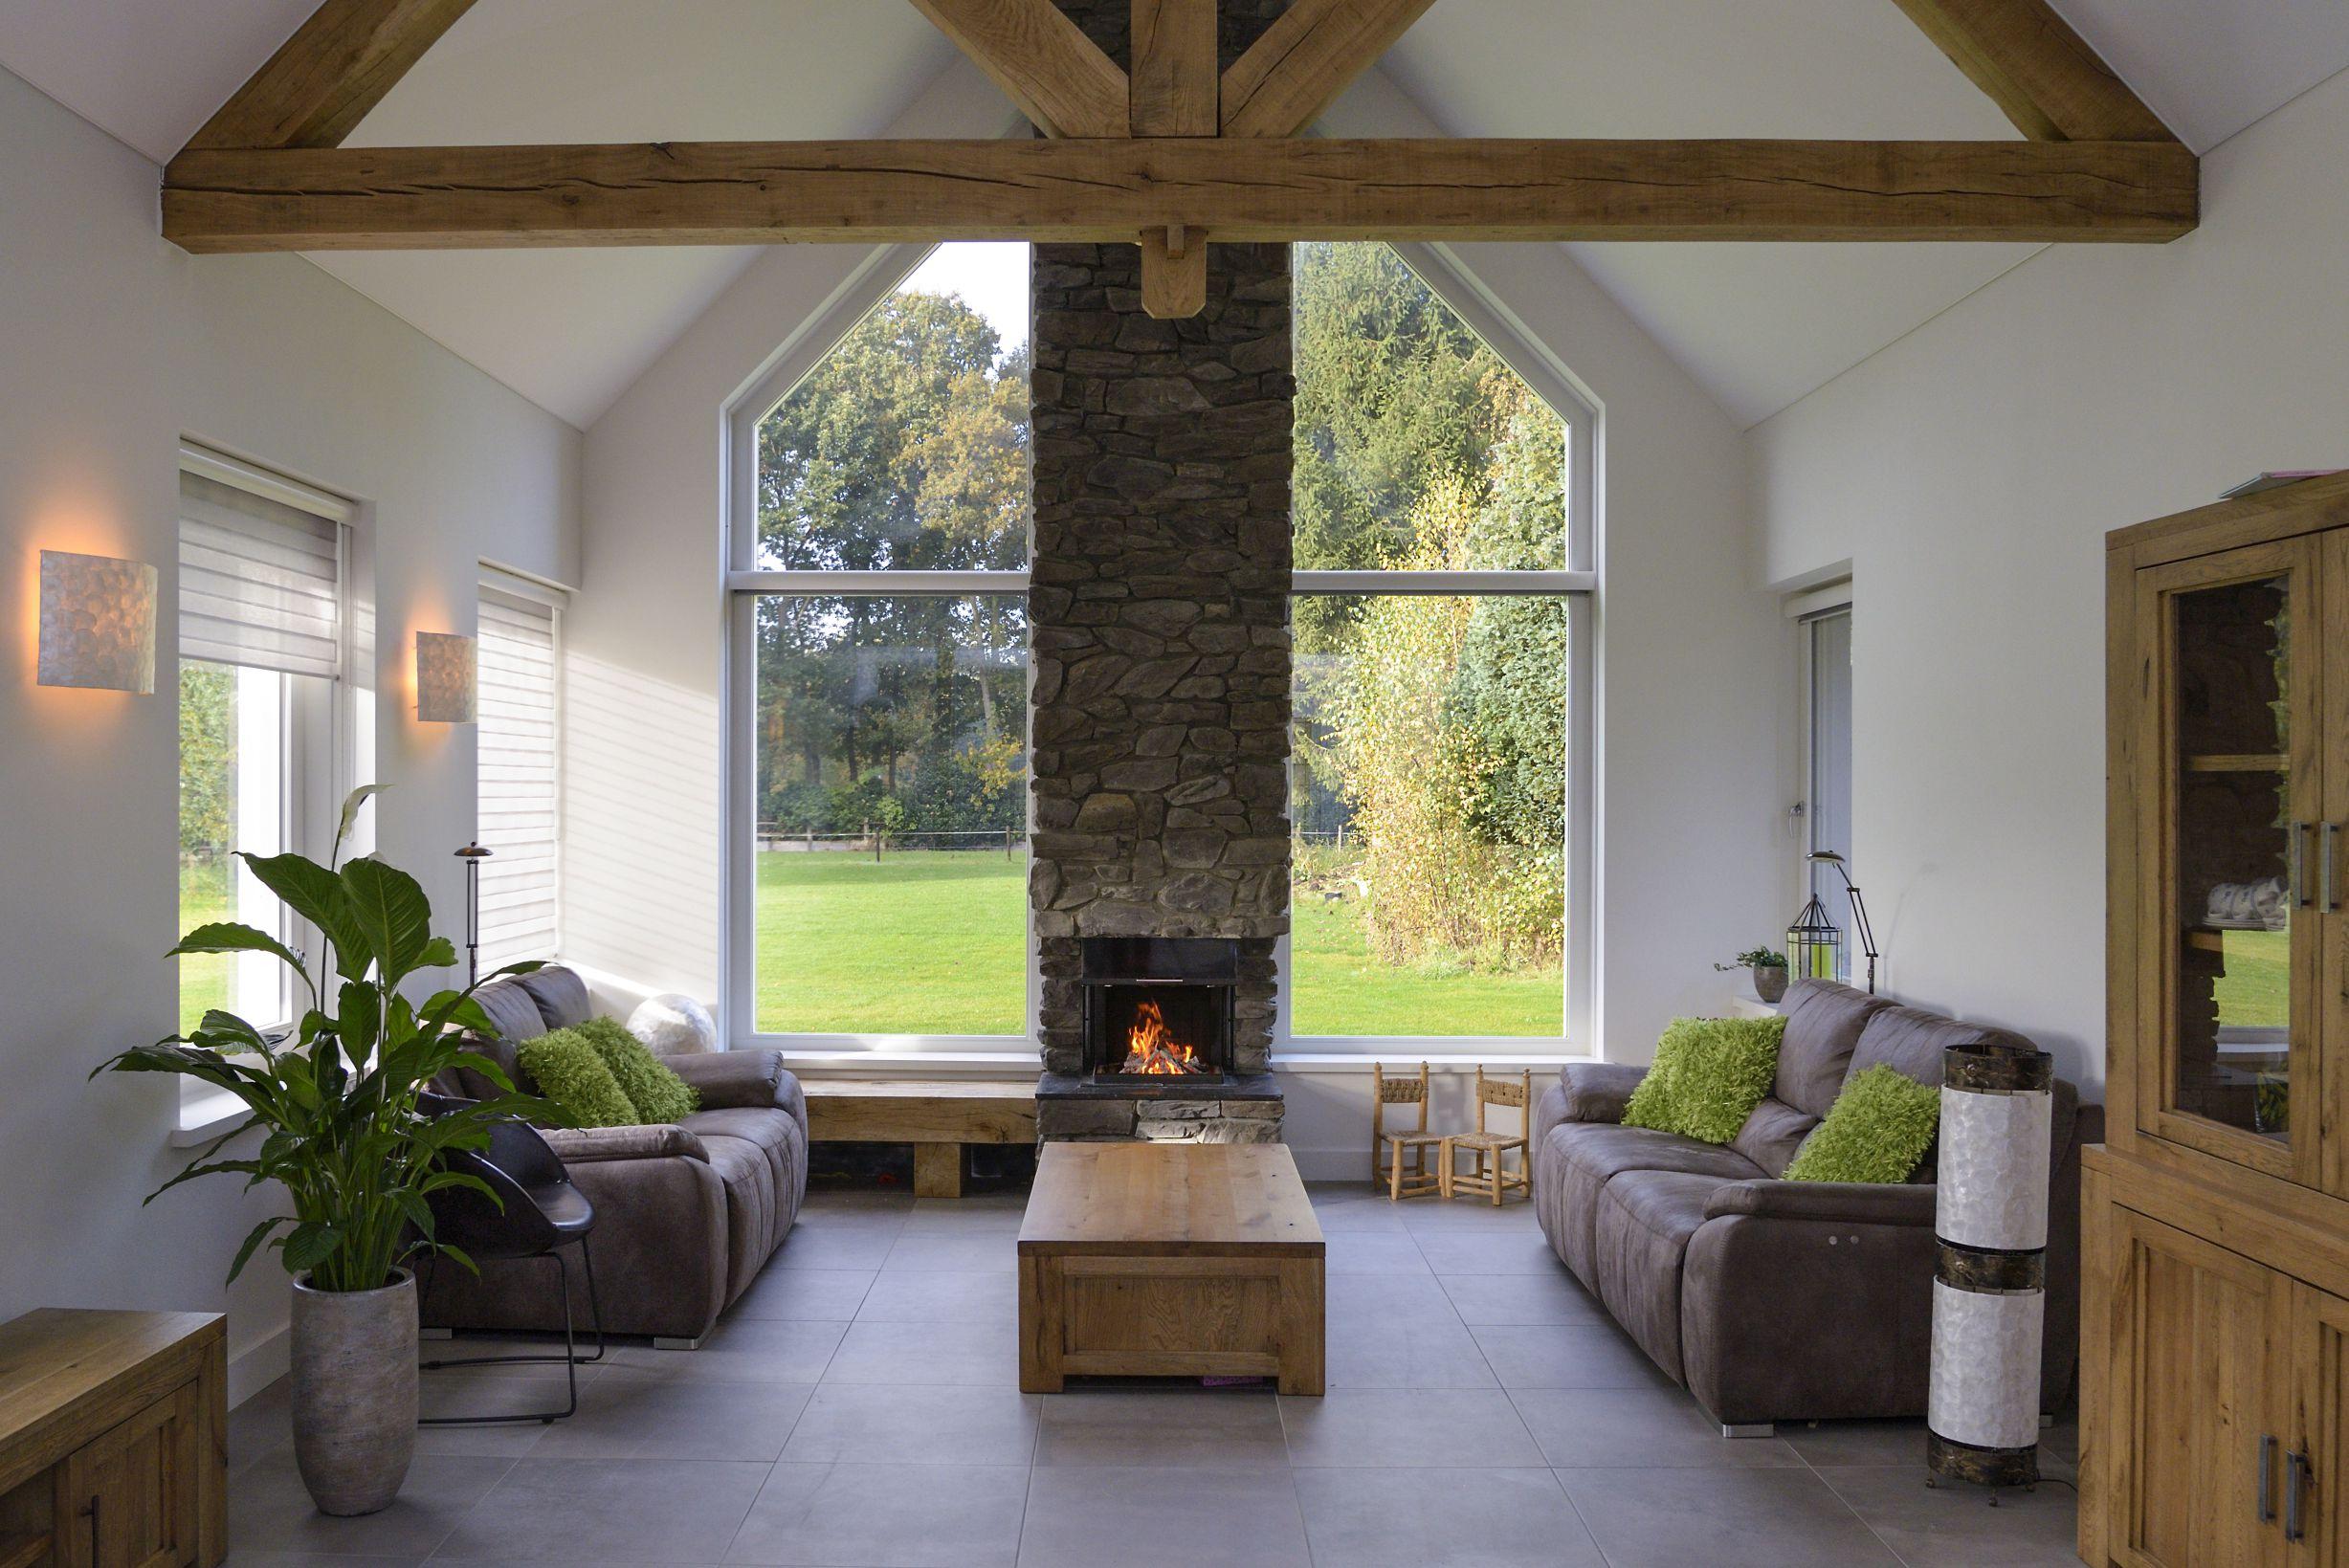 Kan je een haard plaatsen in een goed geïsoleerde nieuwbouw woning? Ja, dat kan. In dit artikel lees je er alles over #haard #inbouwhaard #nieuwbouw #isoleren